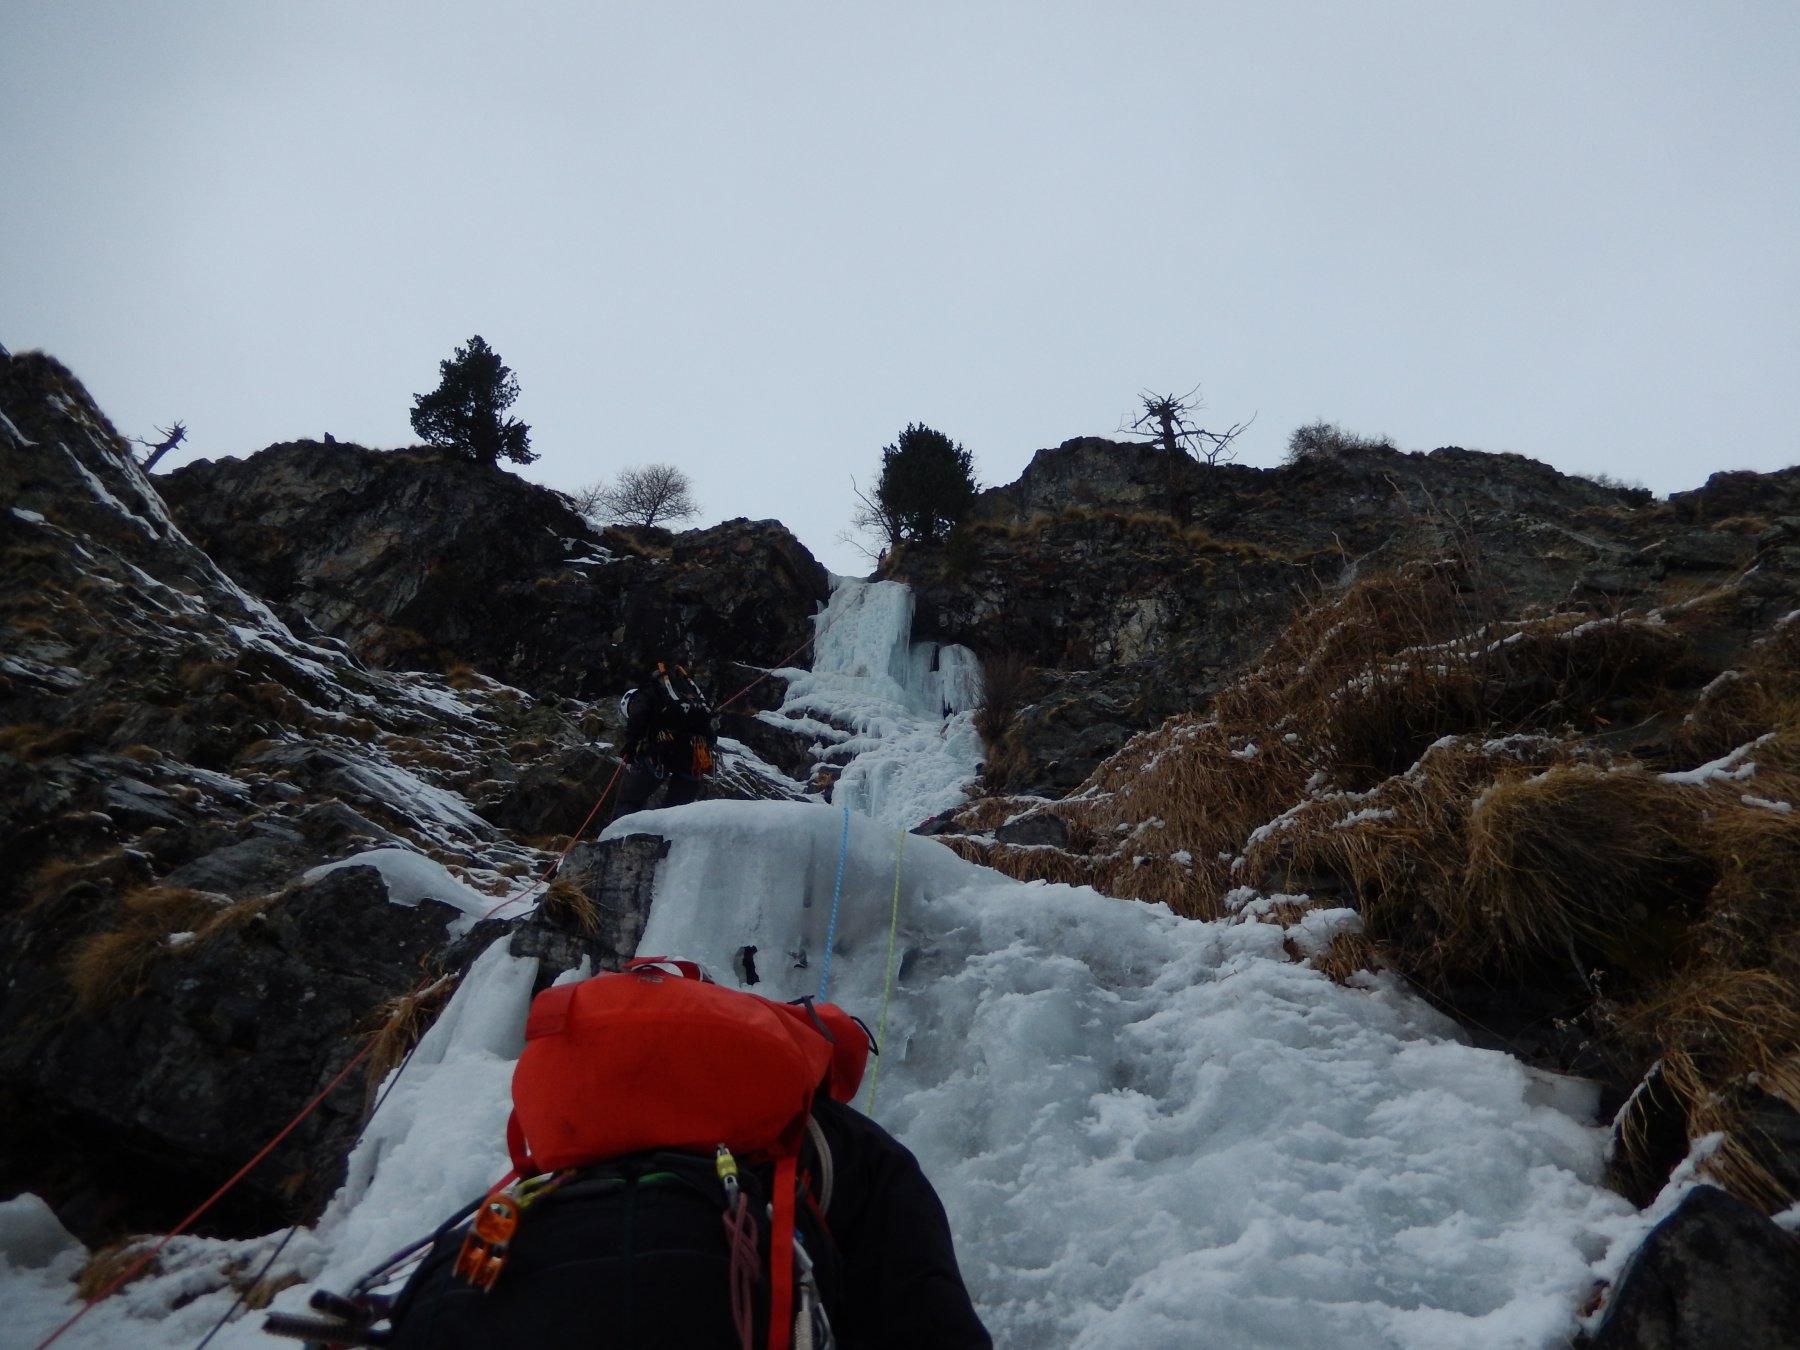 La parte mediana della cascata